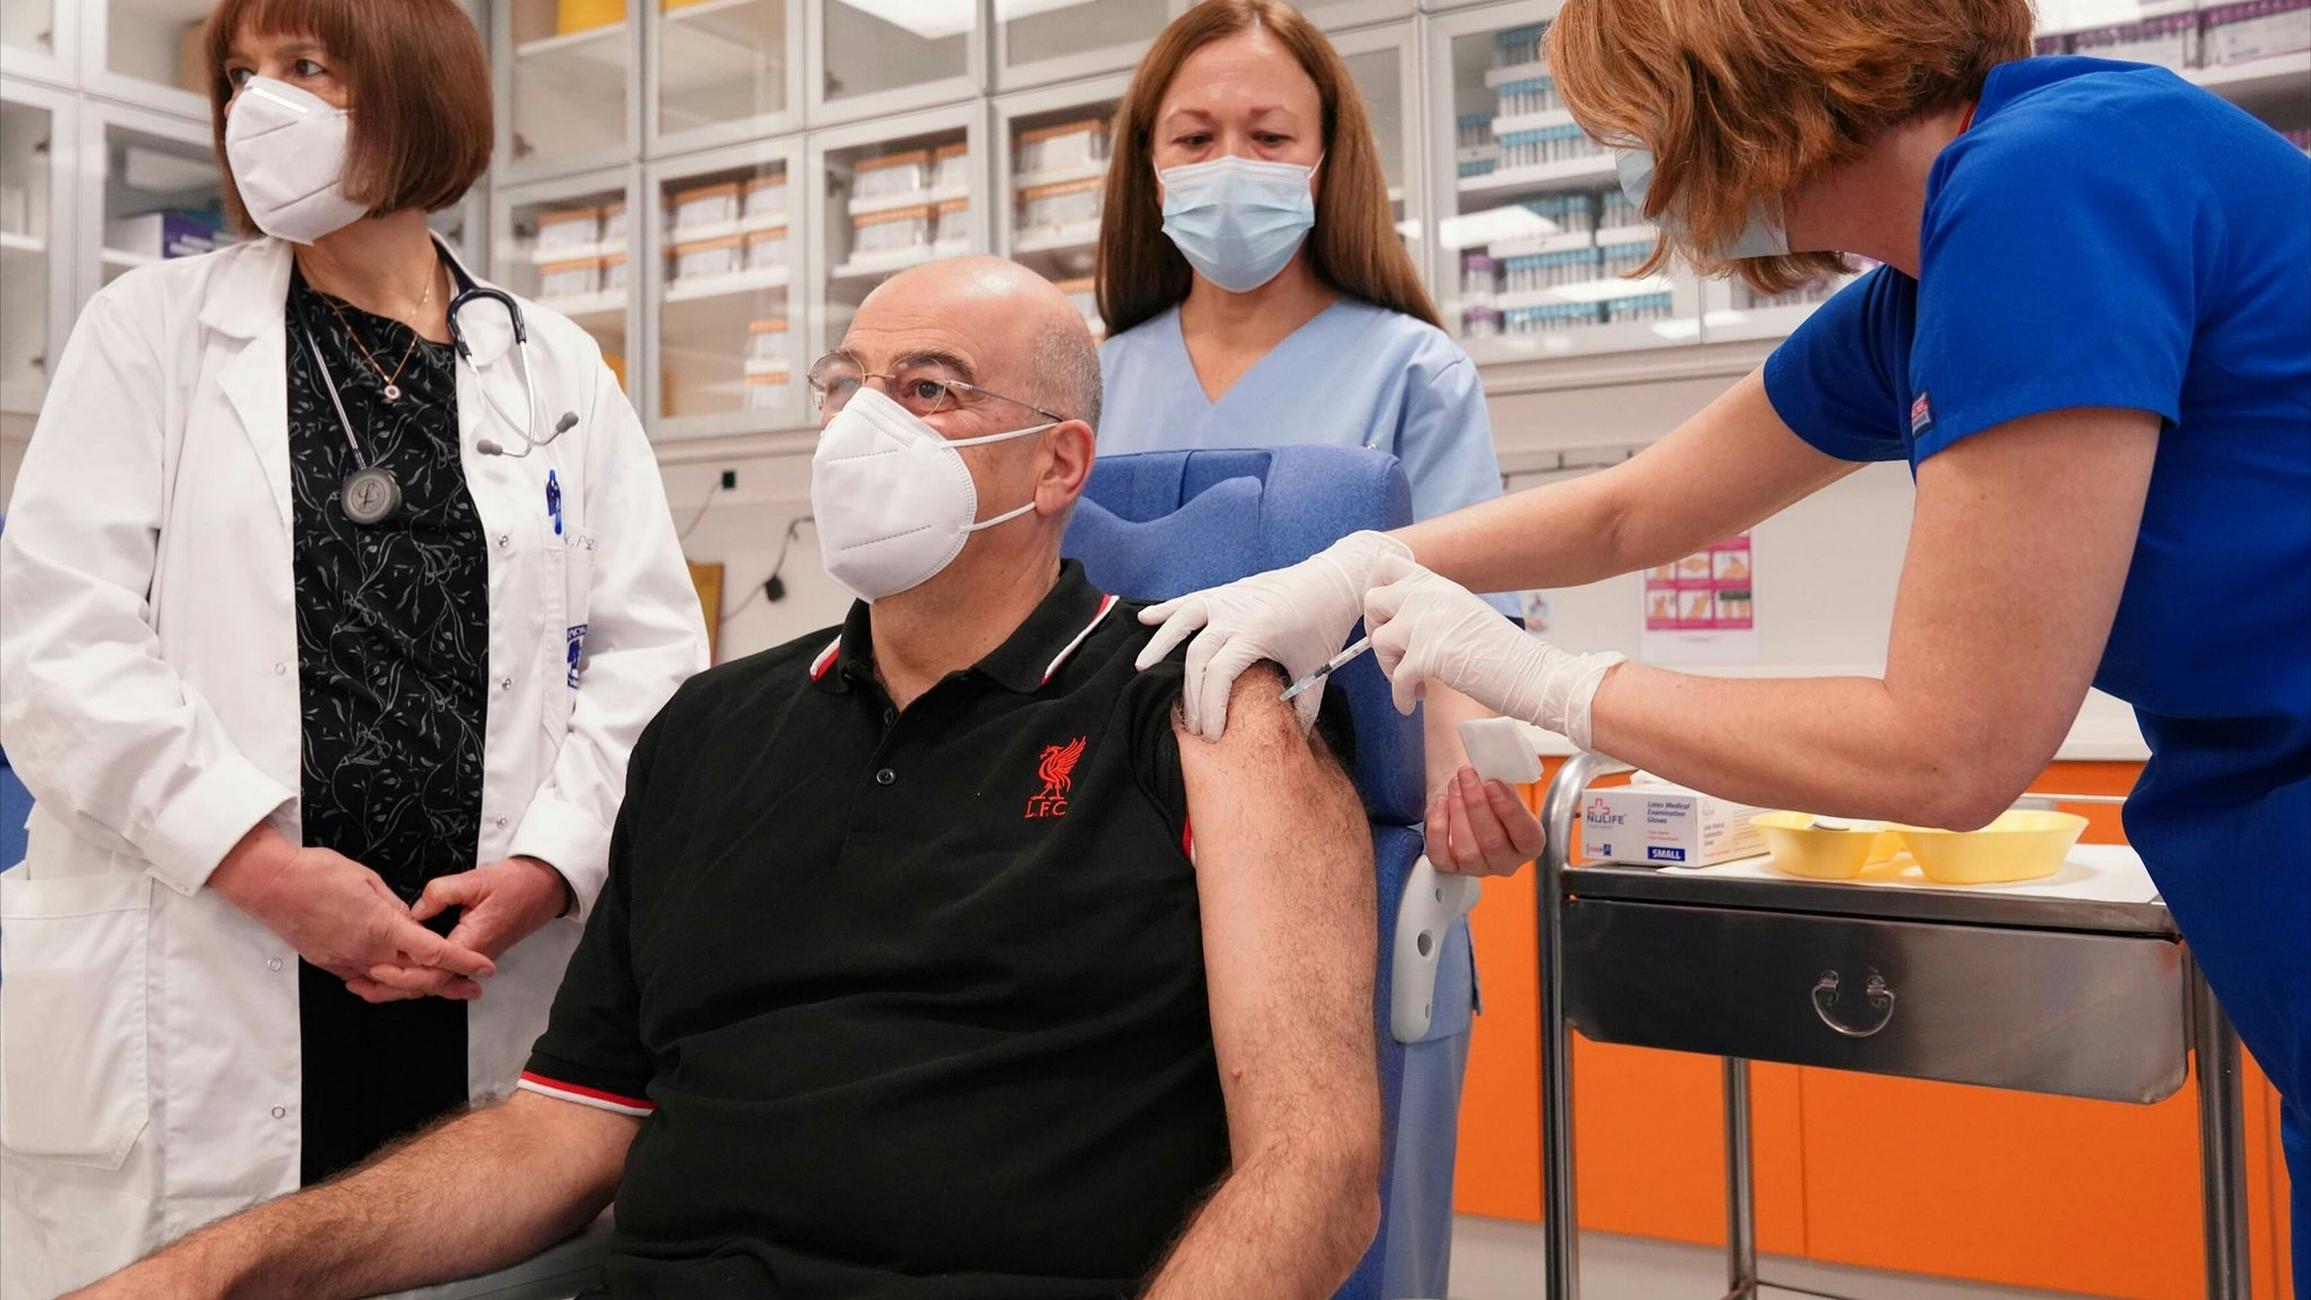 Εμβολιάστηκε ο Δένδιας φορώντας μπλούζα της Λίβερπουλ (pic)